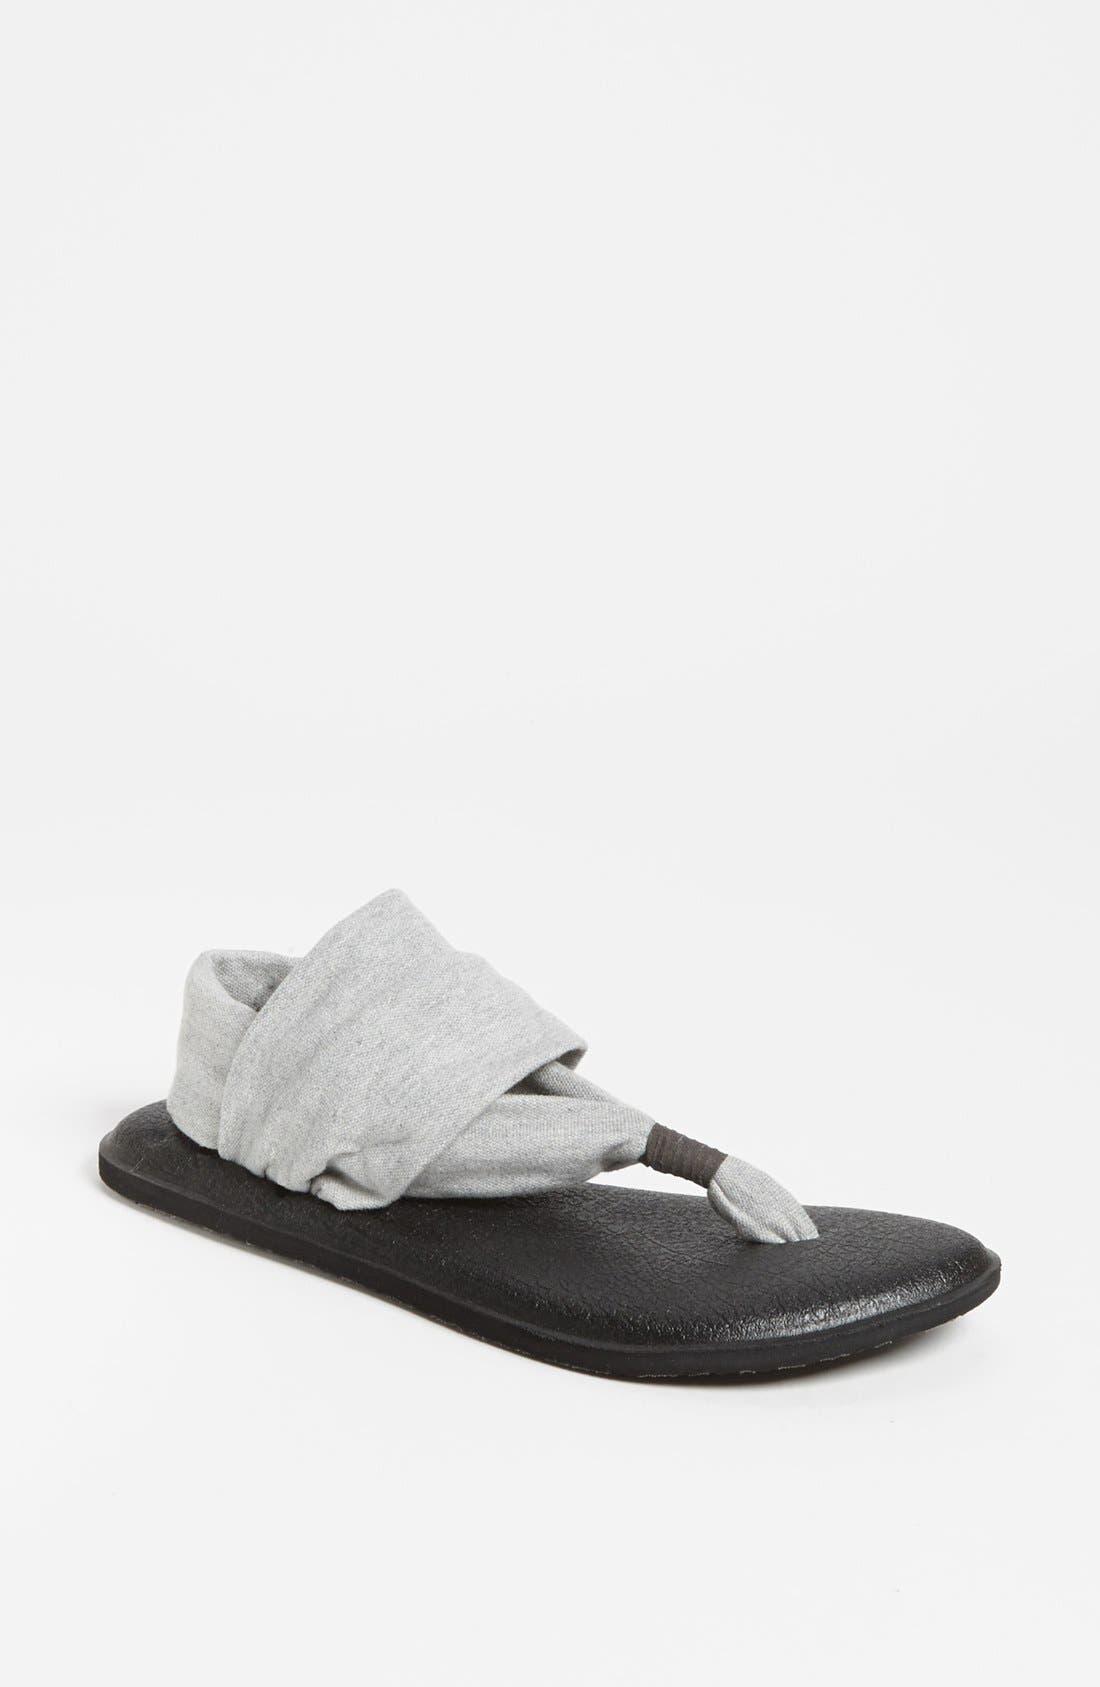 Alternate Image 1 Selected - Sanuk 'Yoga Sling' Sandal (Women)